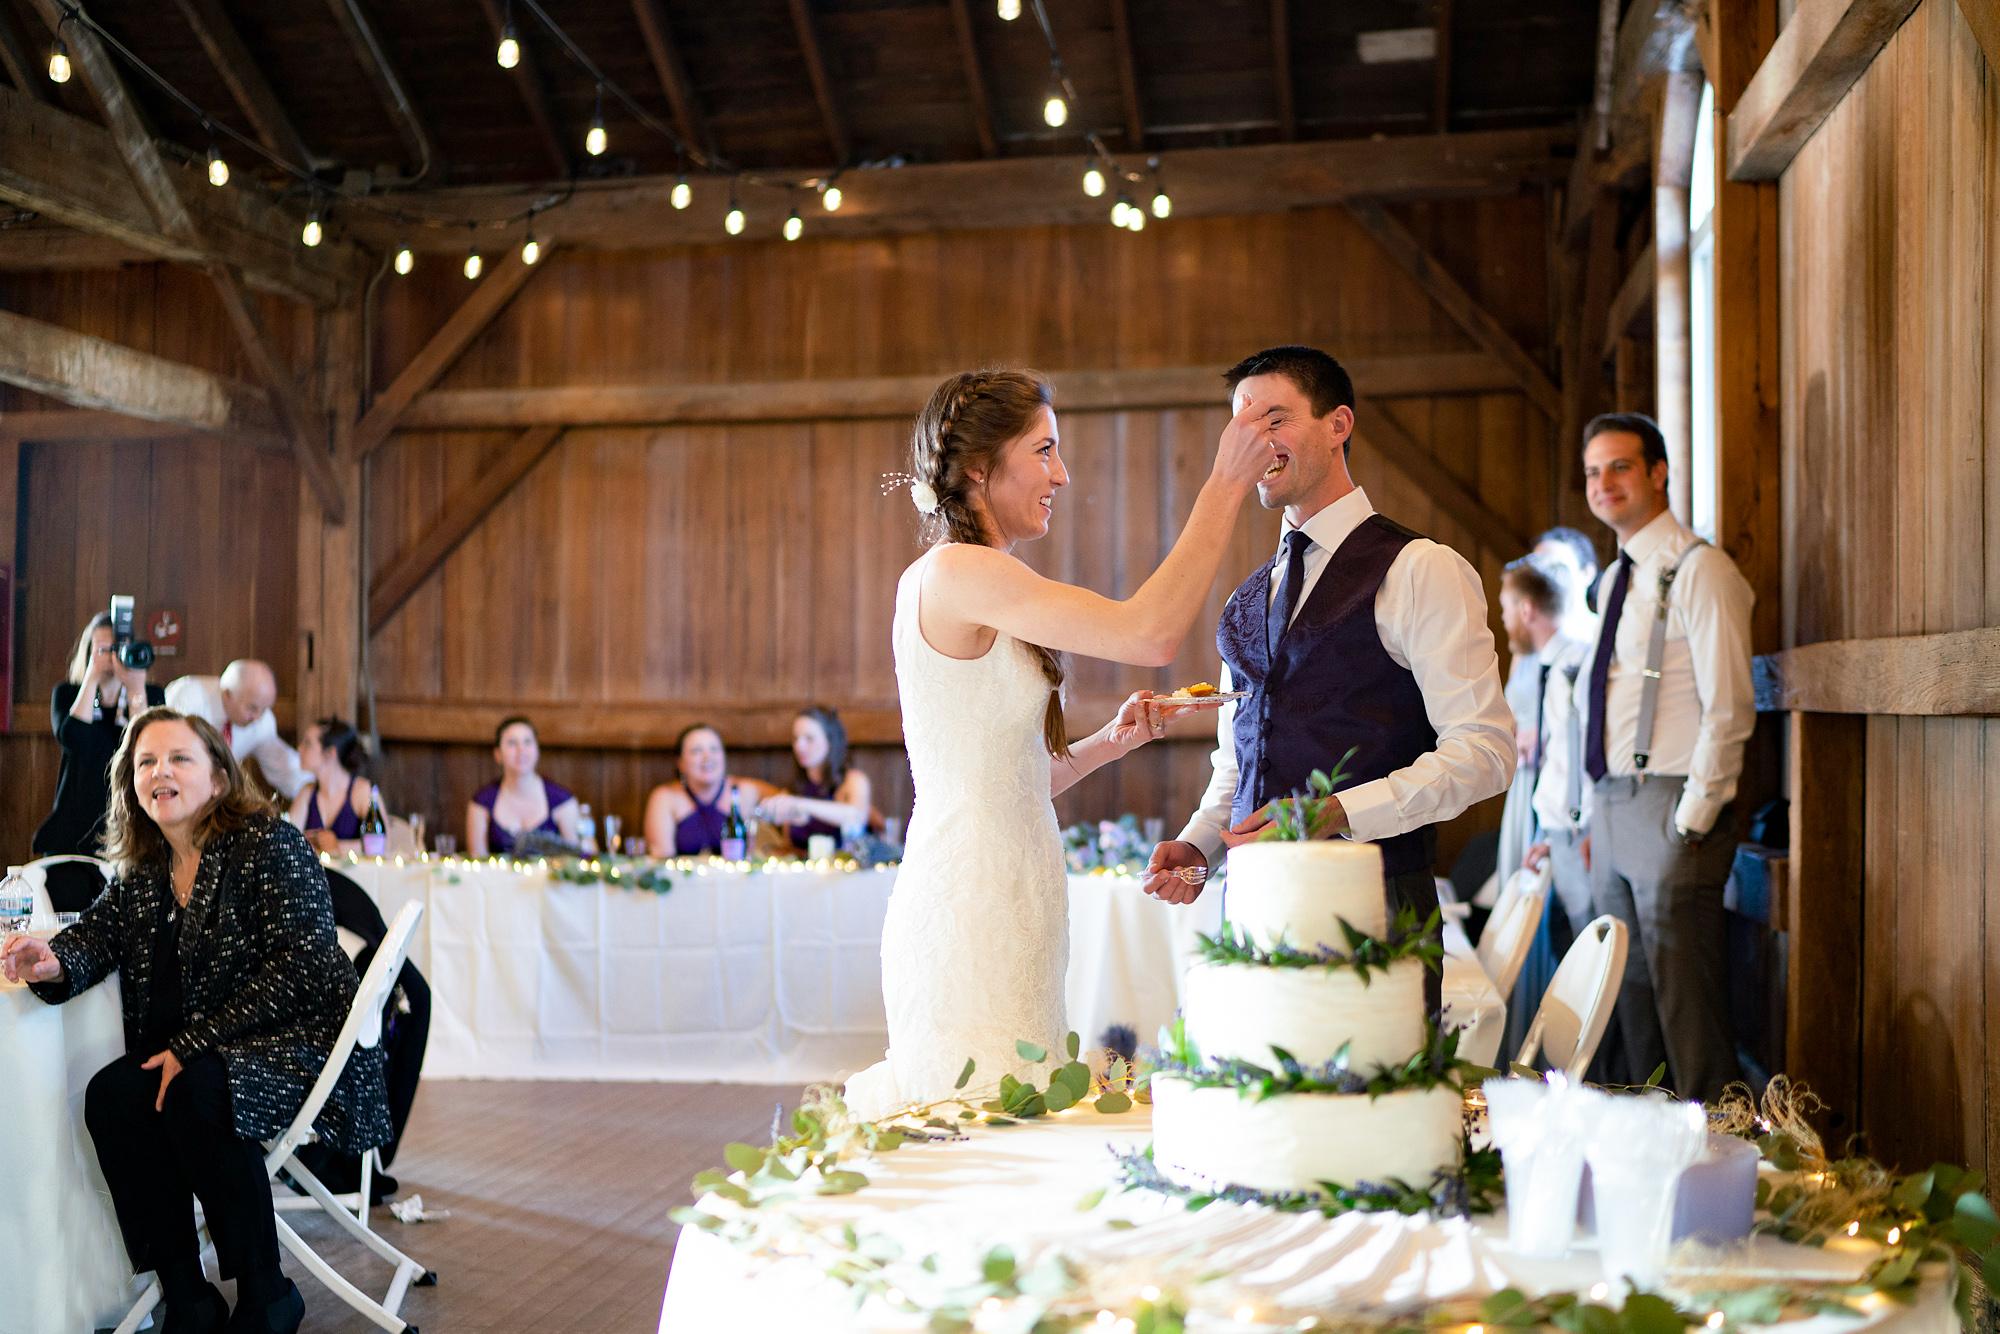 Polen-Farm-Wedding-Photos-64.jpg